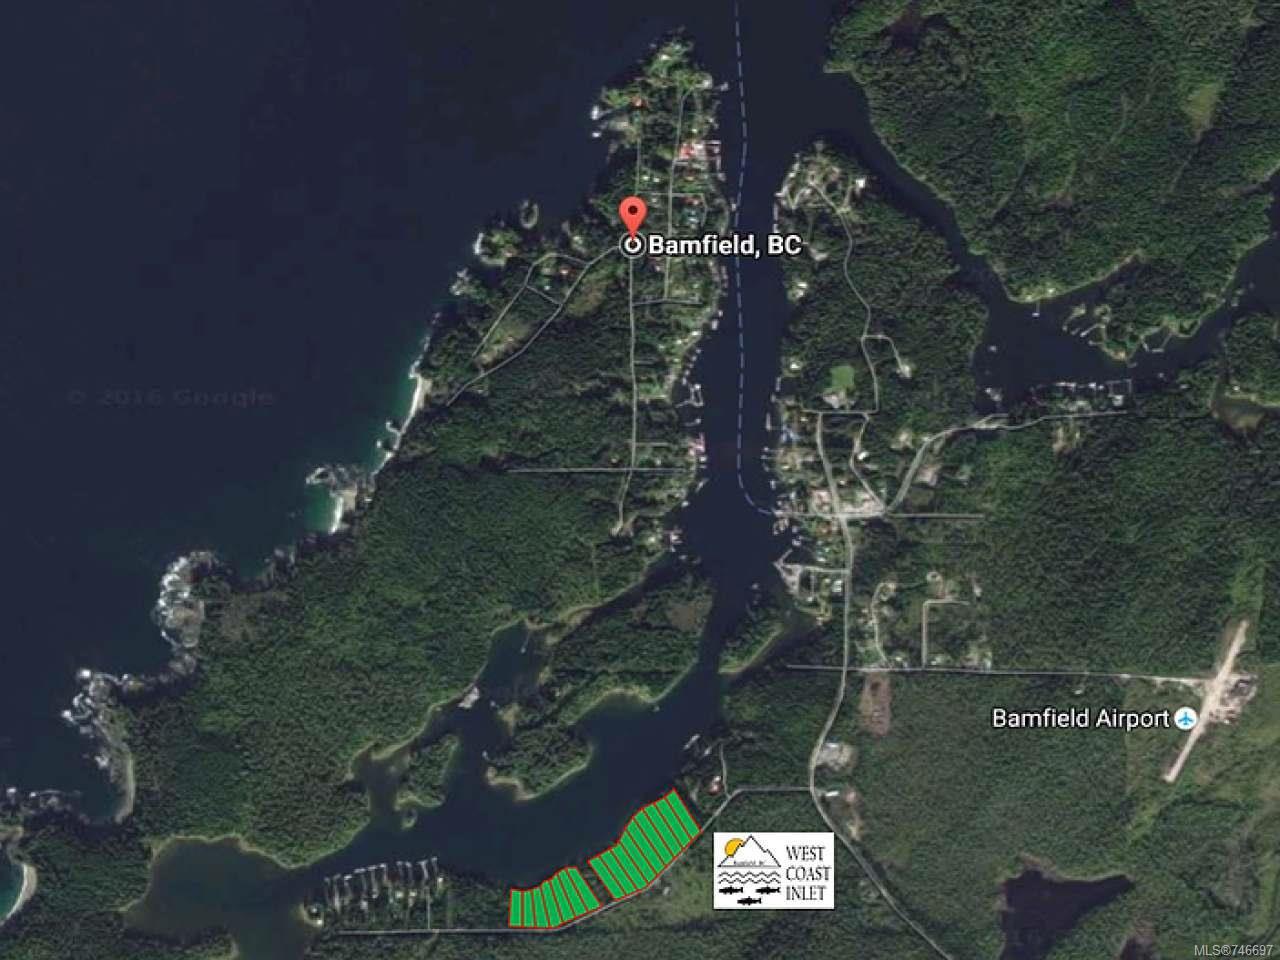 Main Photo: LT 14 S Bamfield Rd in : PA Bamfield Land for sale (Port Alberni)  : MLS®# 746697